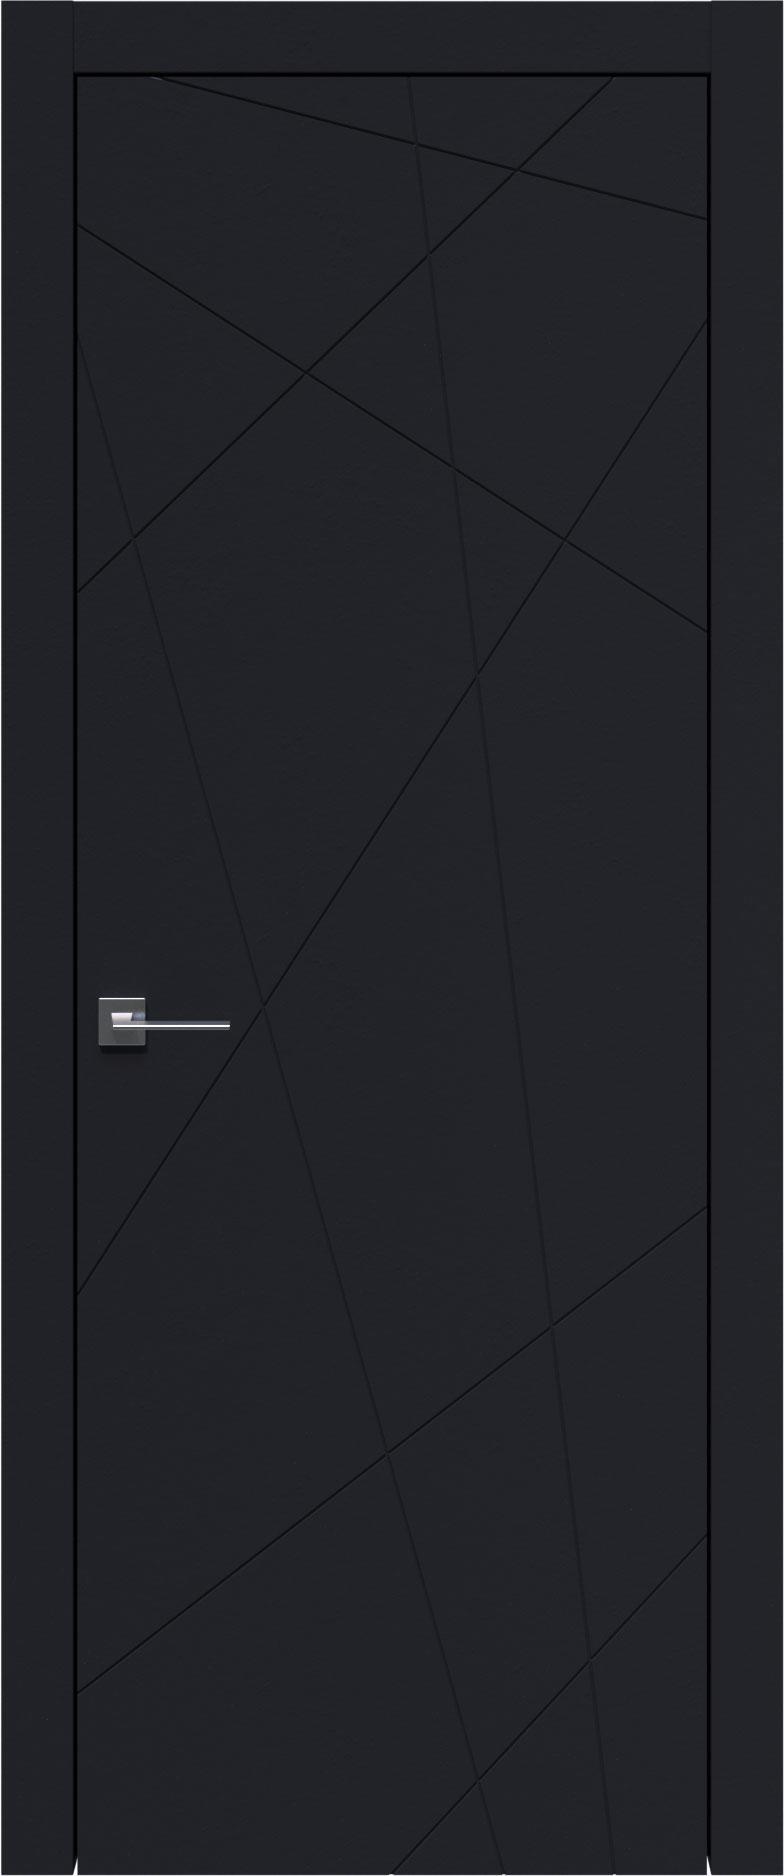 Tivoli В-5 цвет - Черная эмаль (RAL 9004) Без стекла (ДГ)